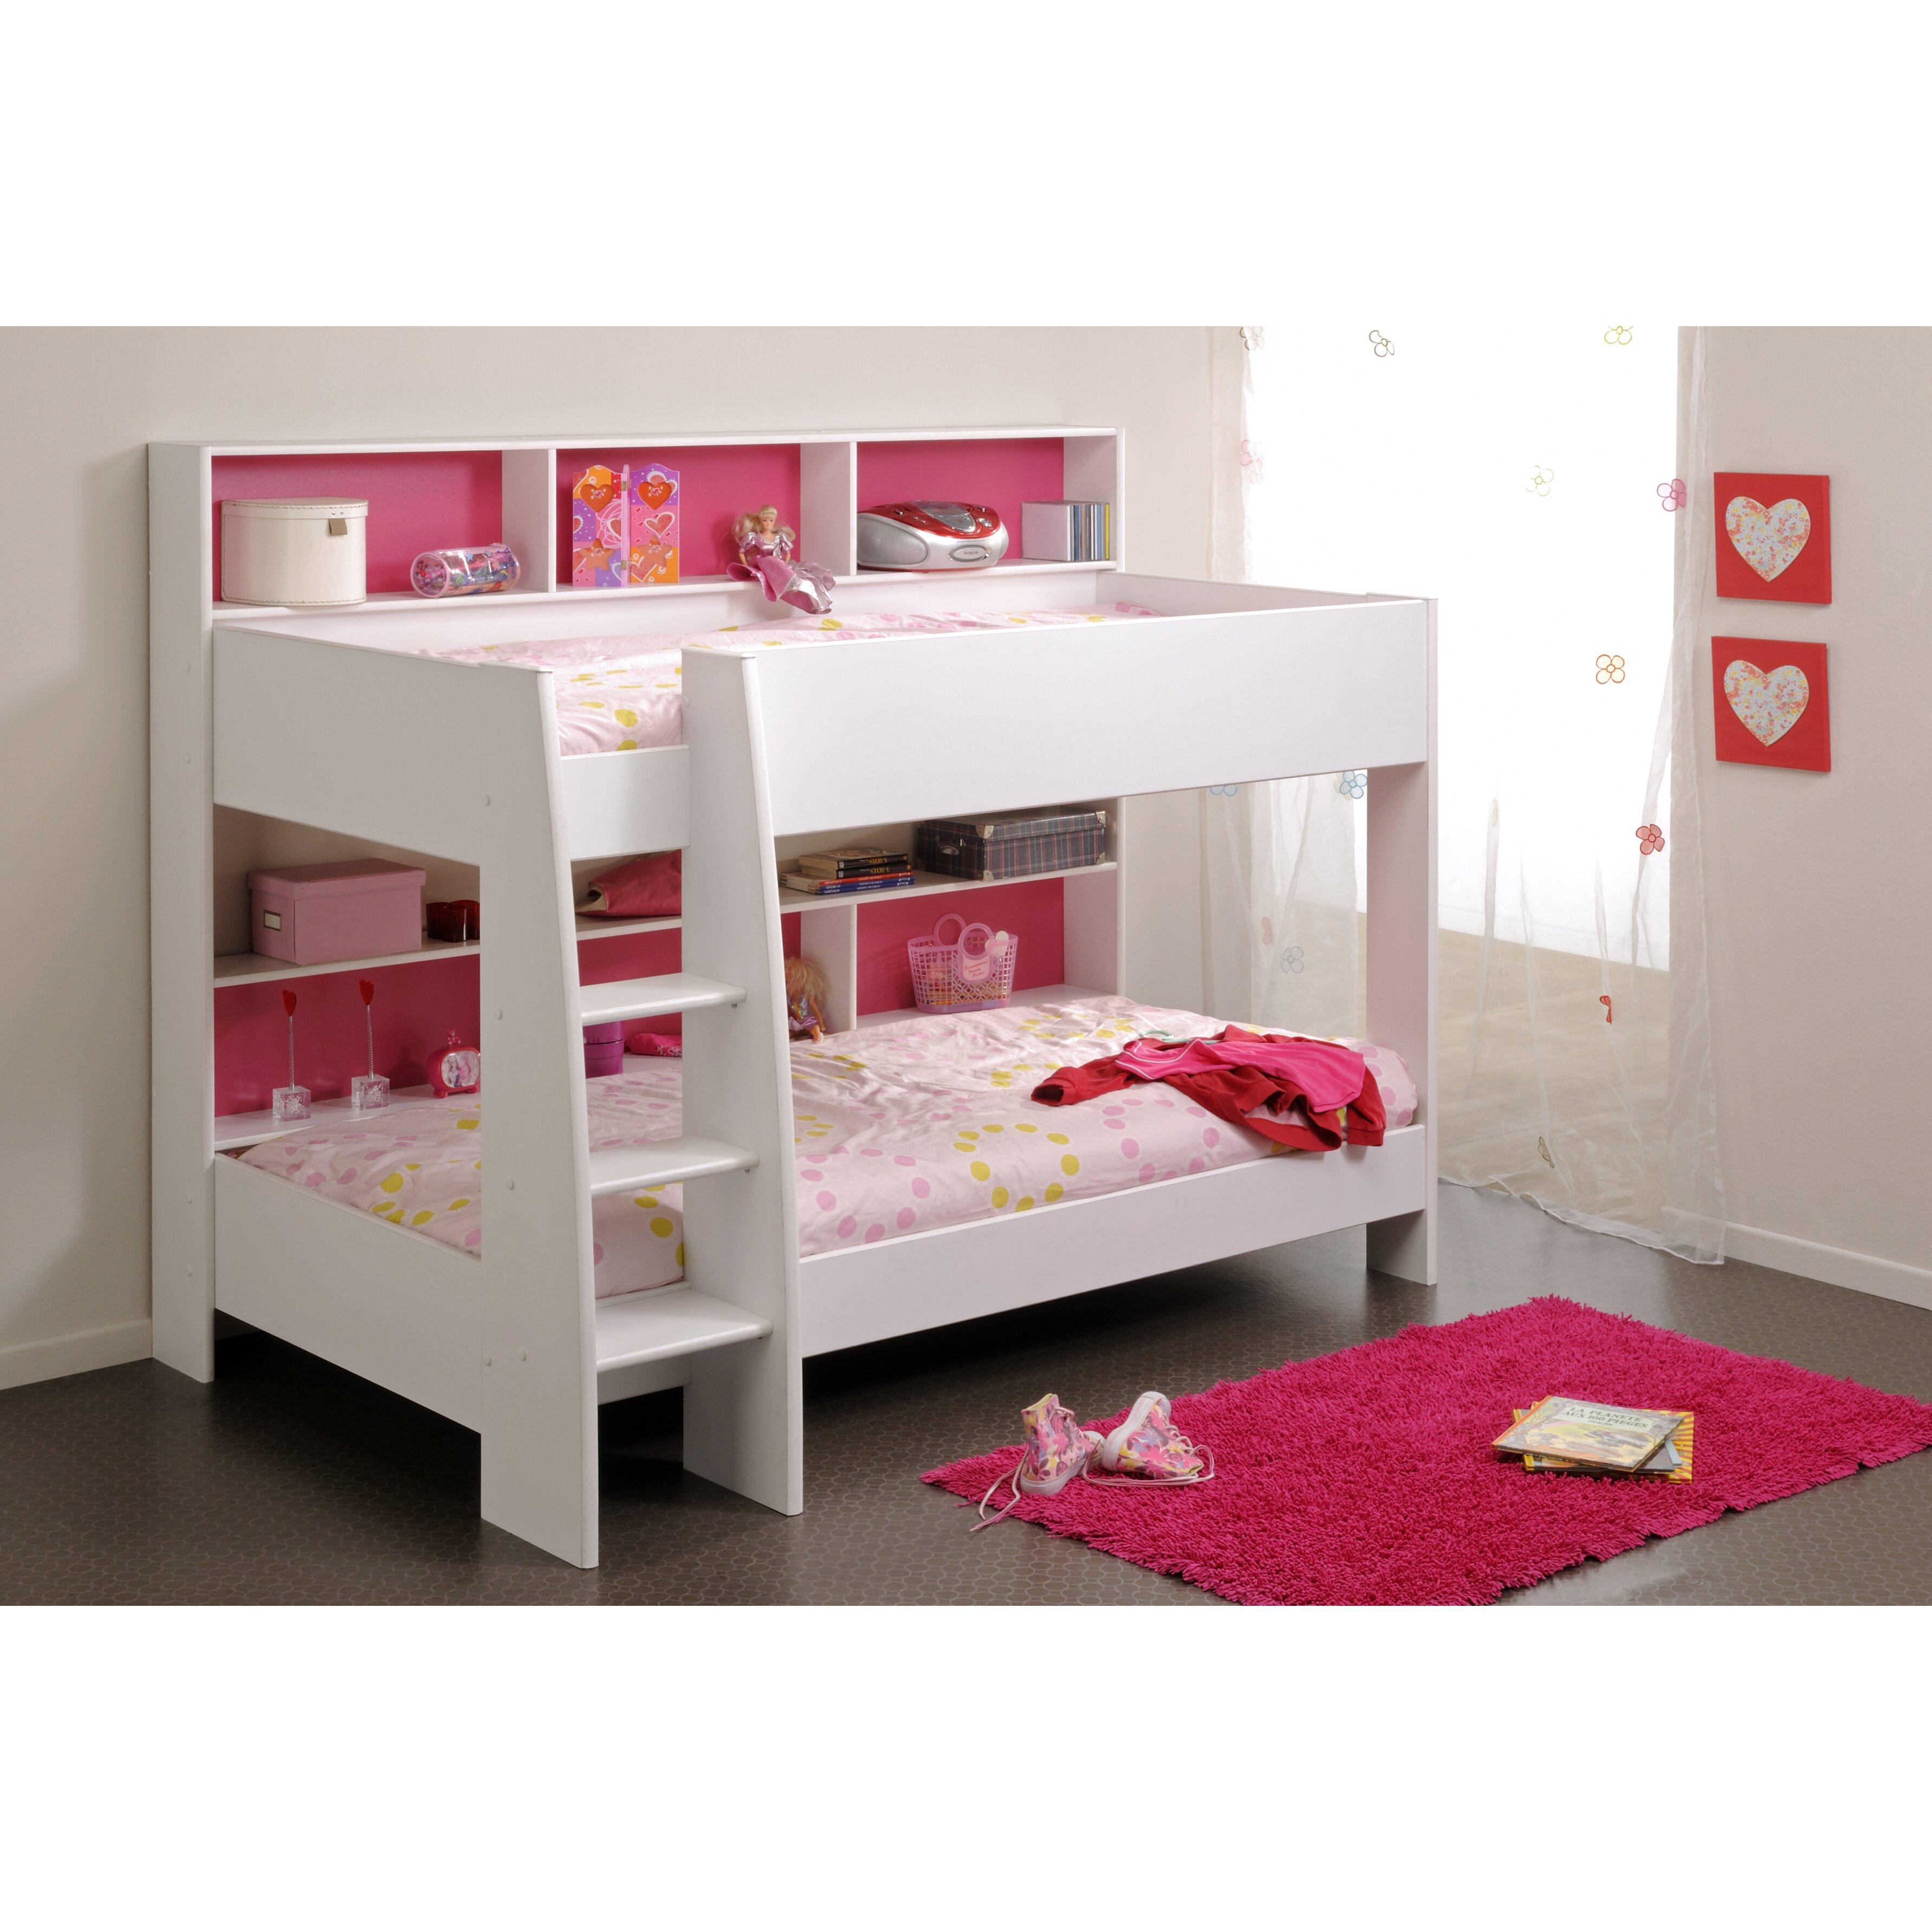 Princess Bedroom Accessories Uk Childrens Beds Wayfaircouk